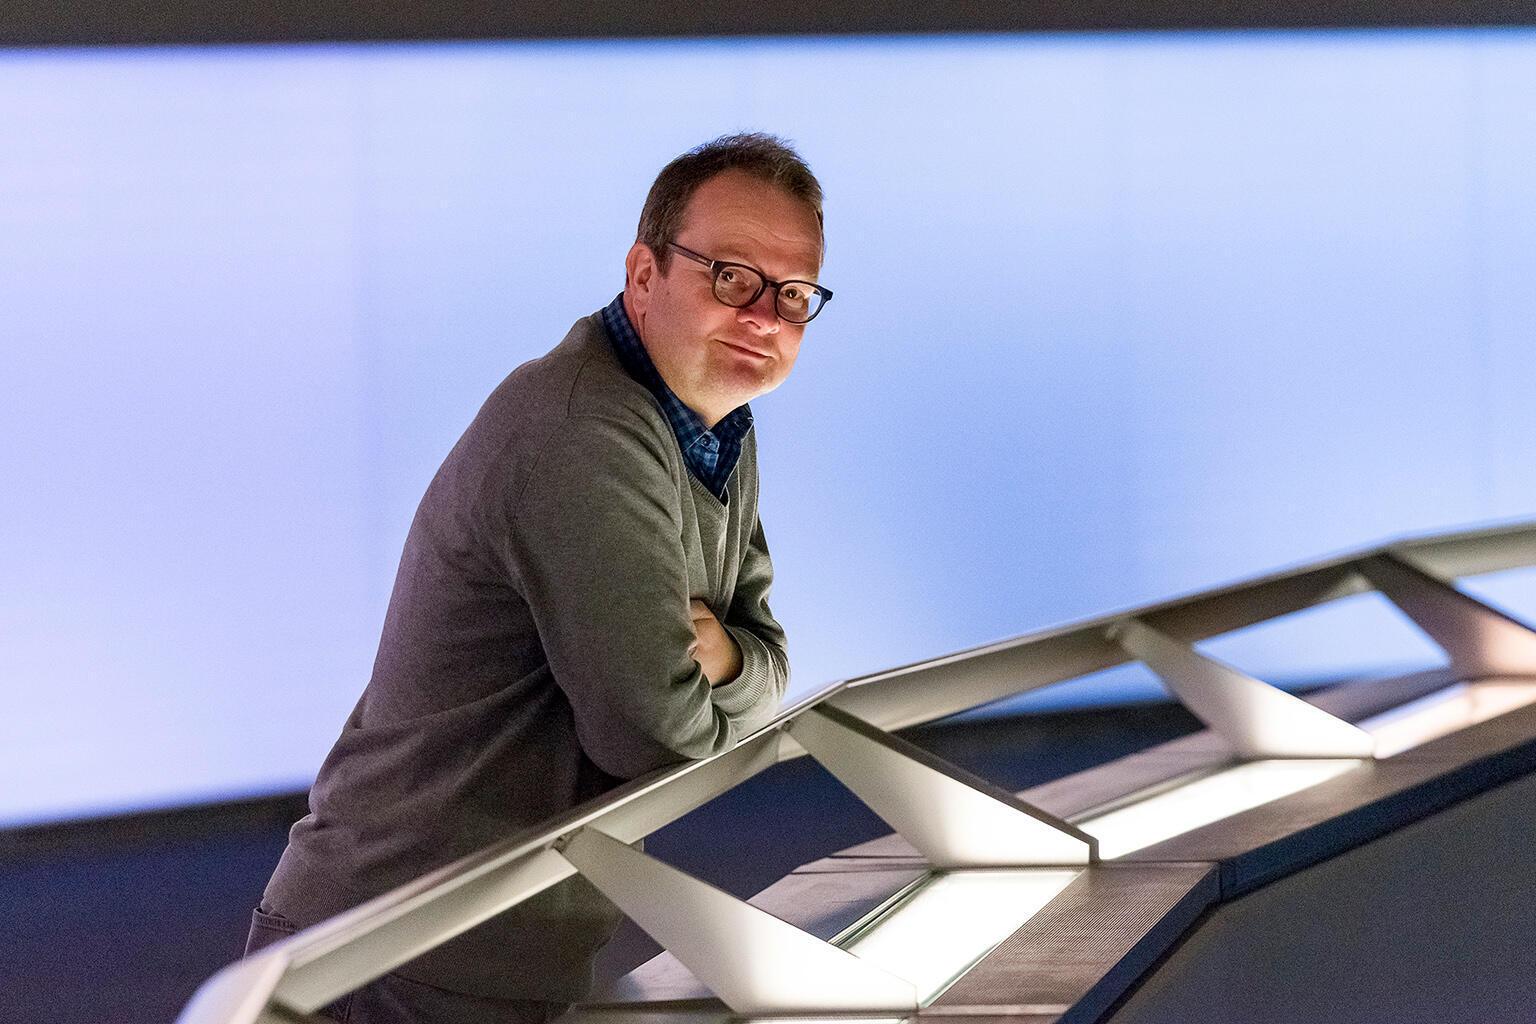 Foi o produtor holandês Ron Toekook que teve a idéia de organizar um evento de despedida na pequena cidade balneária de Wijk aan Zee, com vista para o Reino Unido, no dia do Brexit.